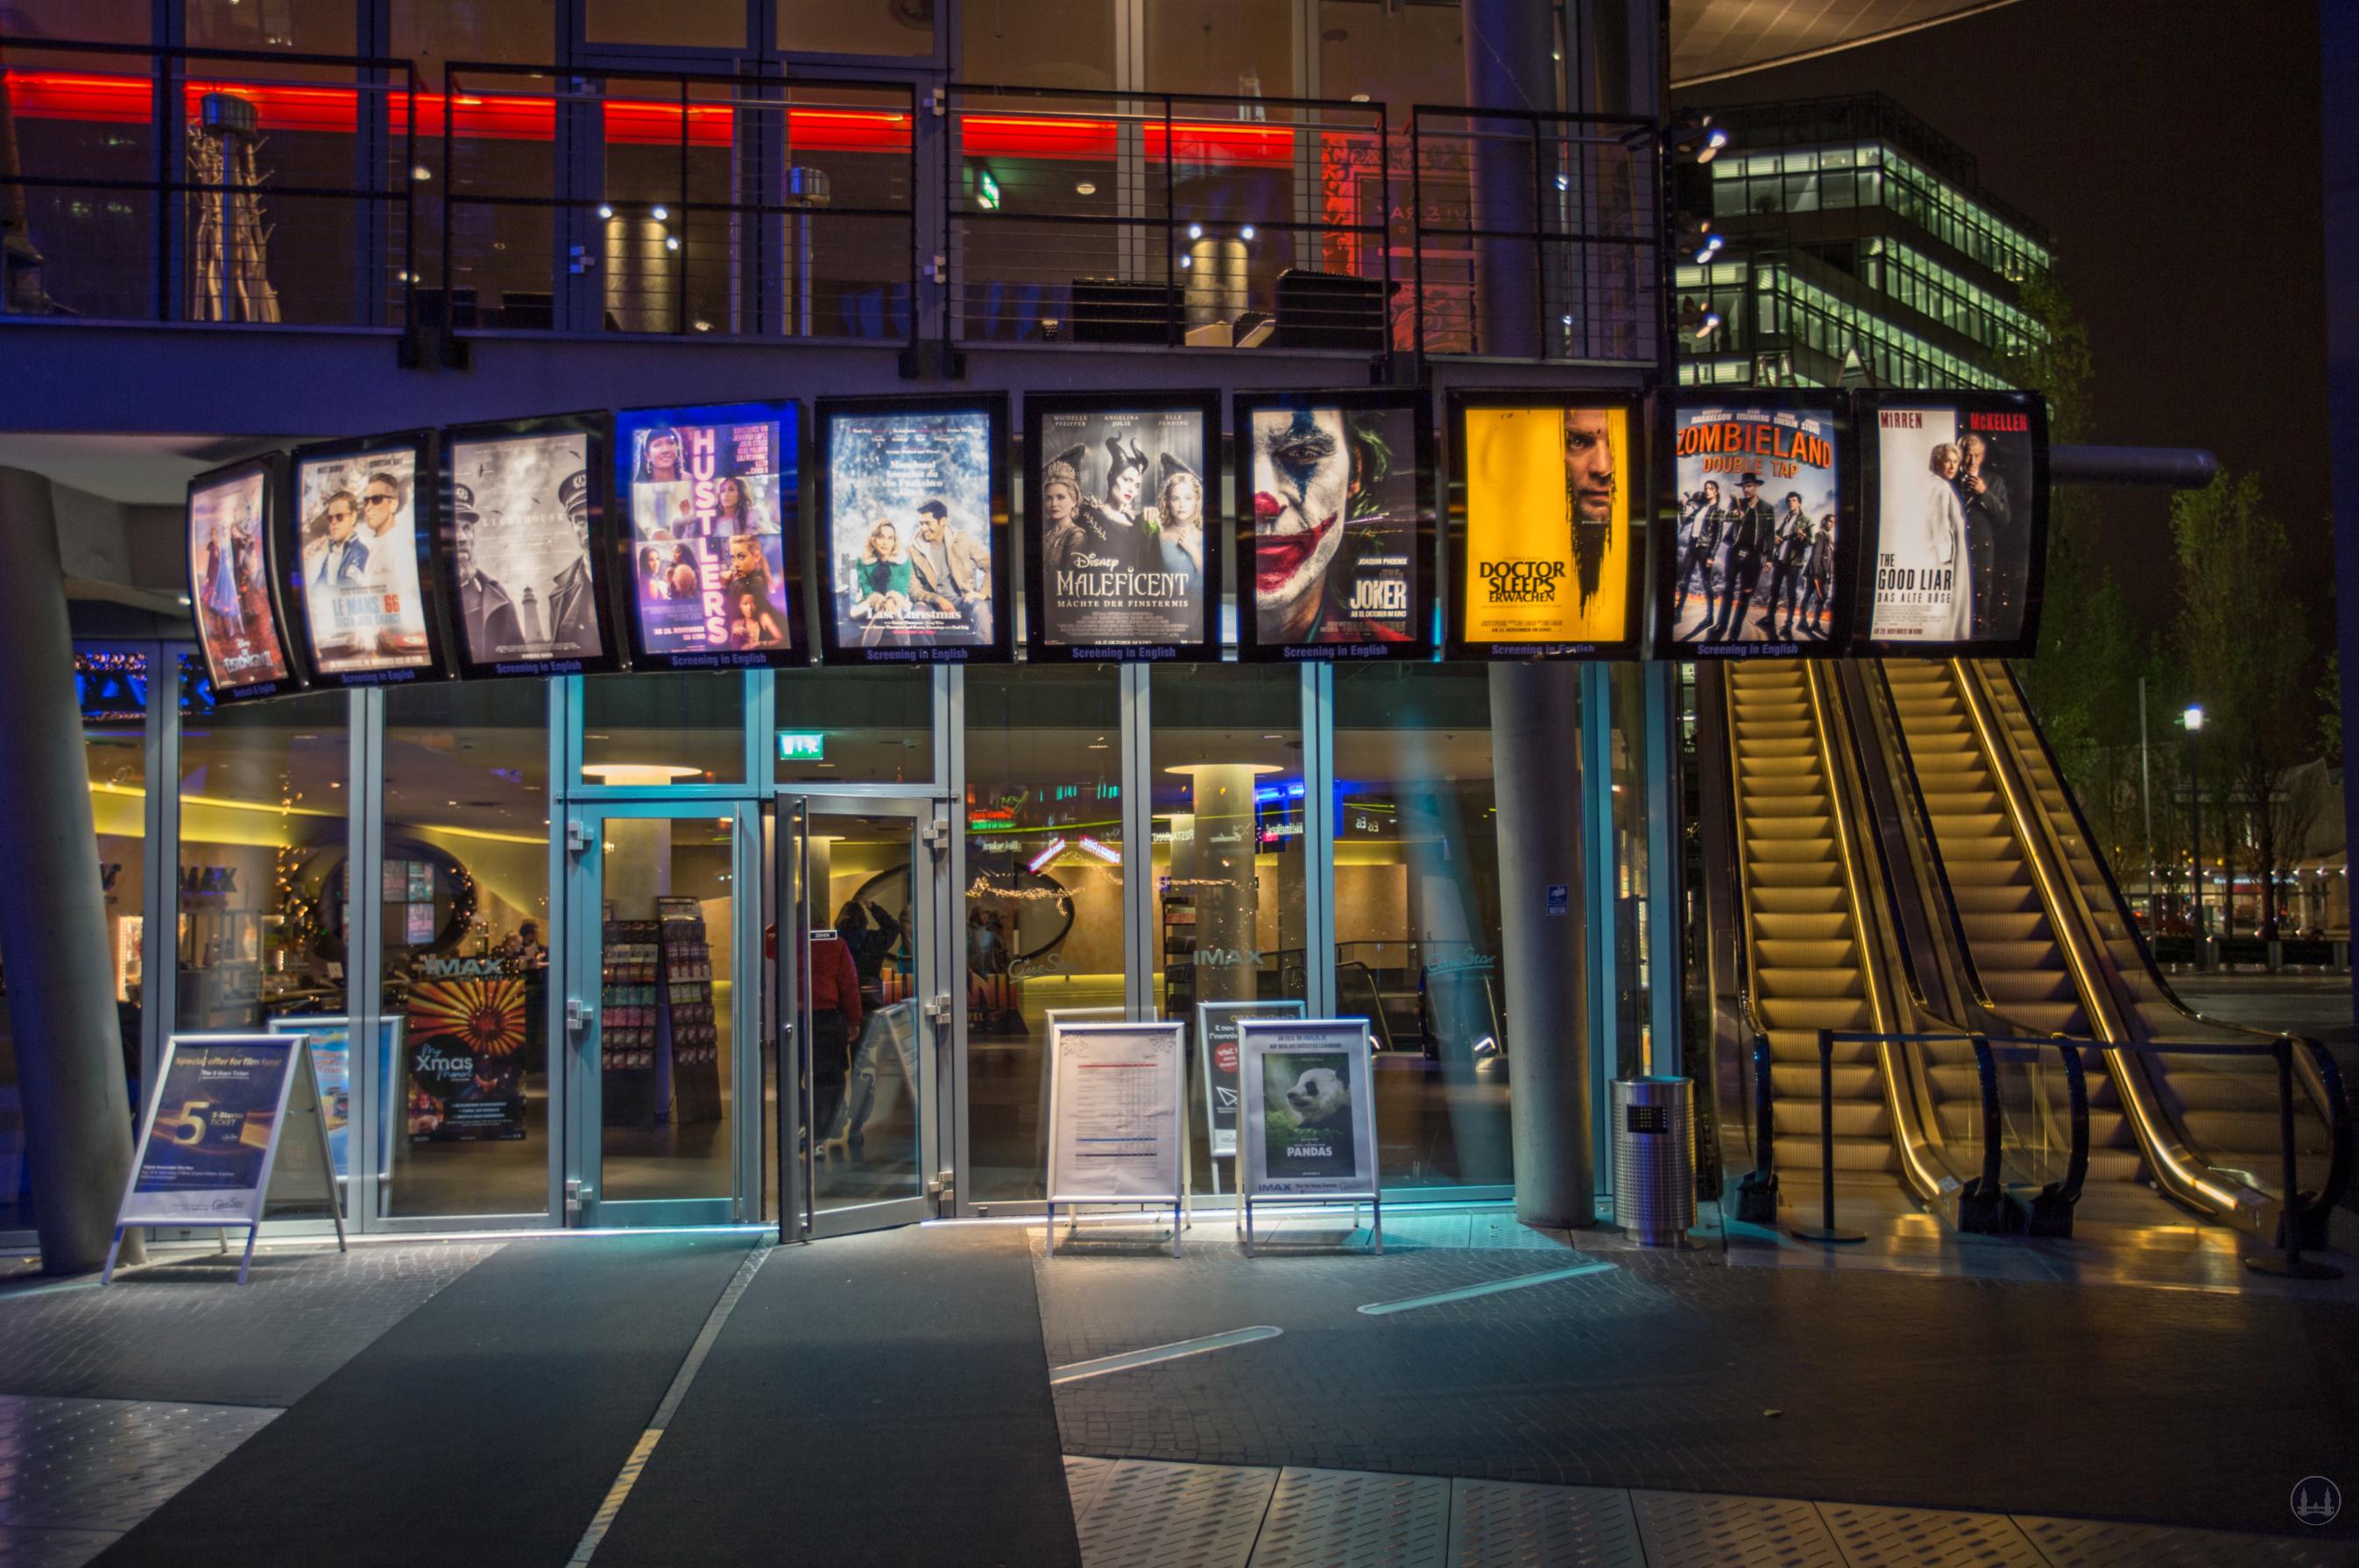 CineStar Kino im Sony Center Berlin. Eingangsbereich zum Foyer mit Anzeige der aktuell gespielten Filme.